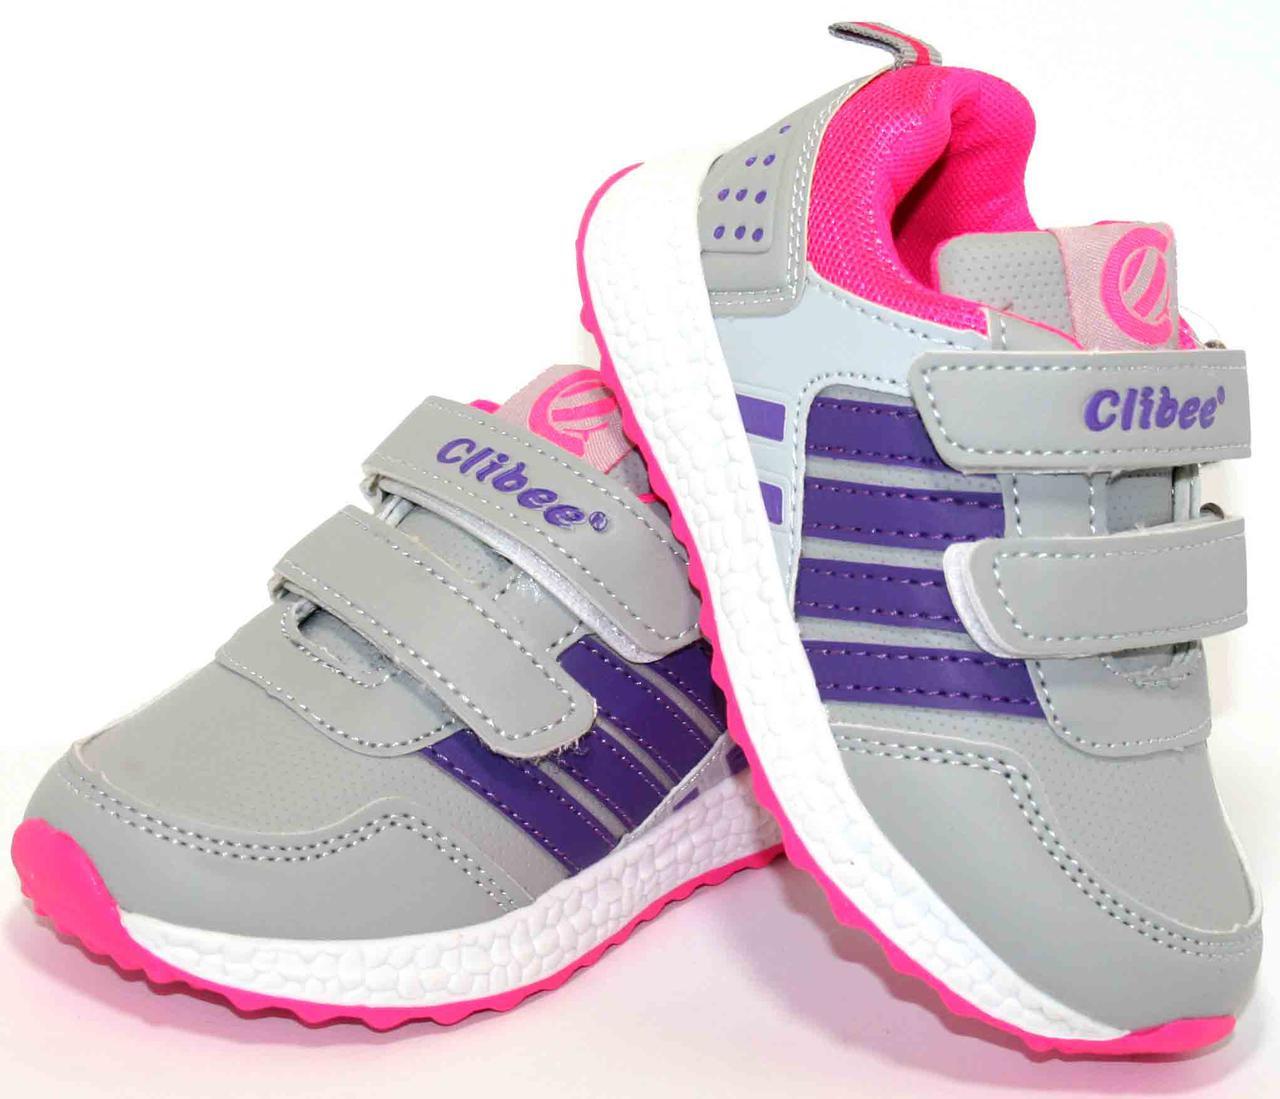 31a831ff1 Детские кроссовки для девочки Clibee Польша размеры 26-31 - купить ...